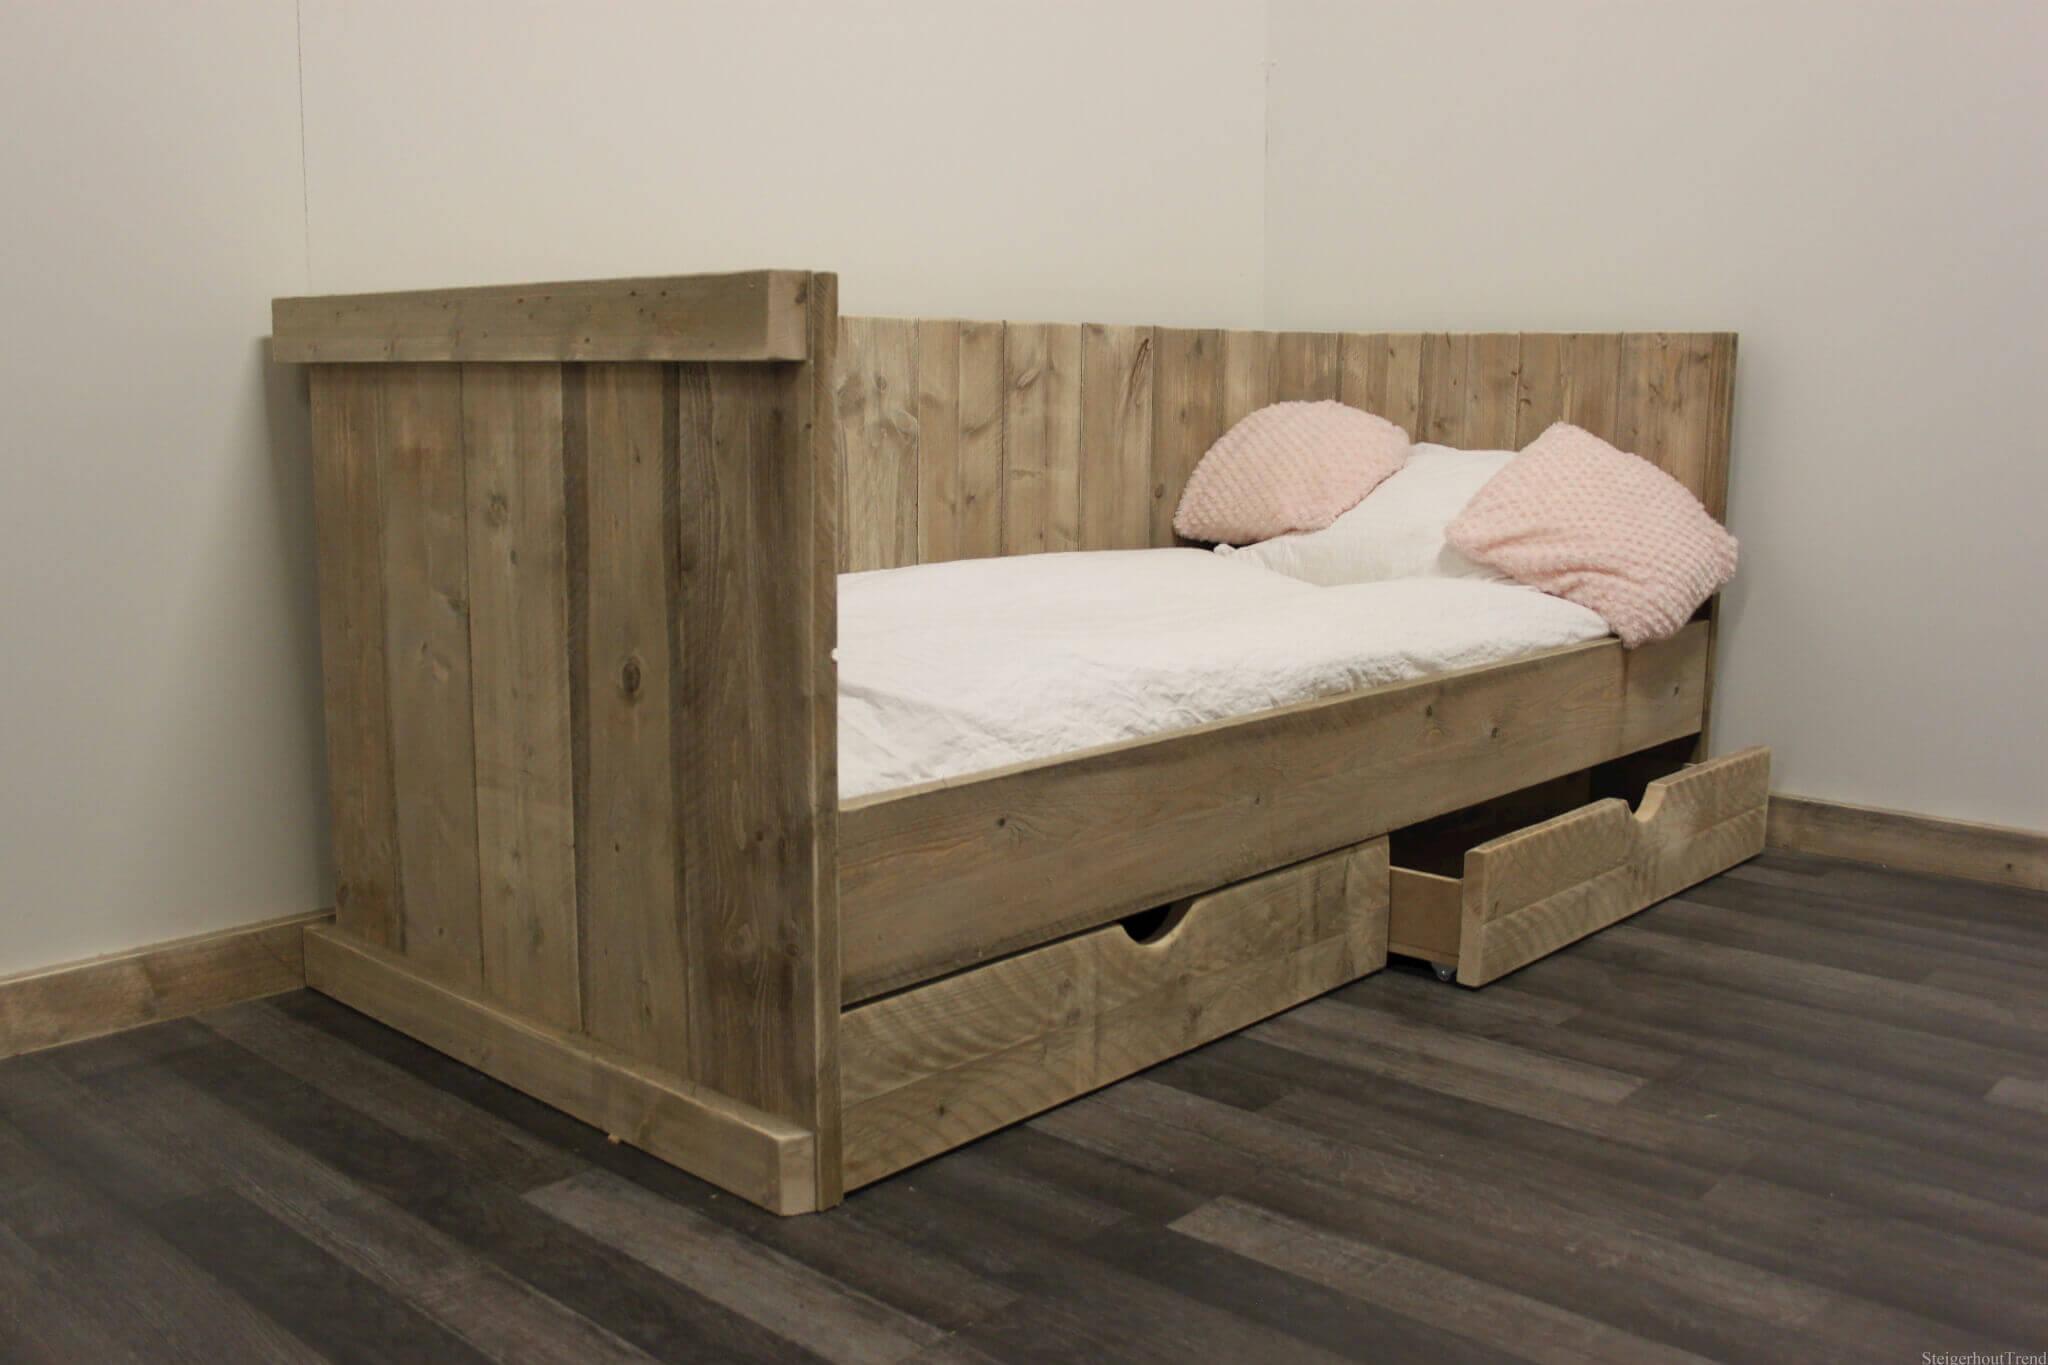 online slaapkamer meubels kopen: slaapbank matteo rood - hioshop, Deco ideeën